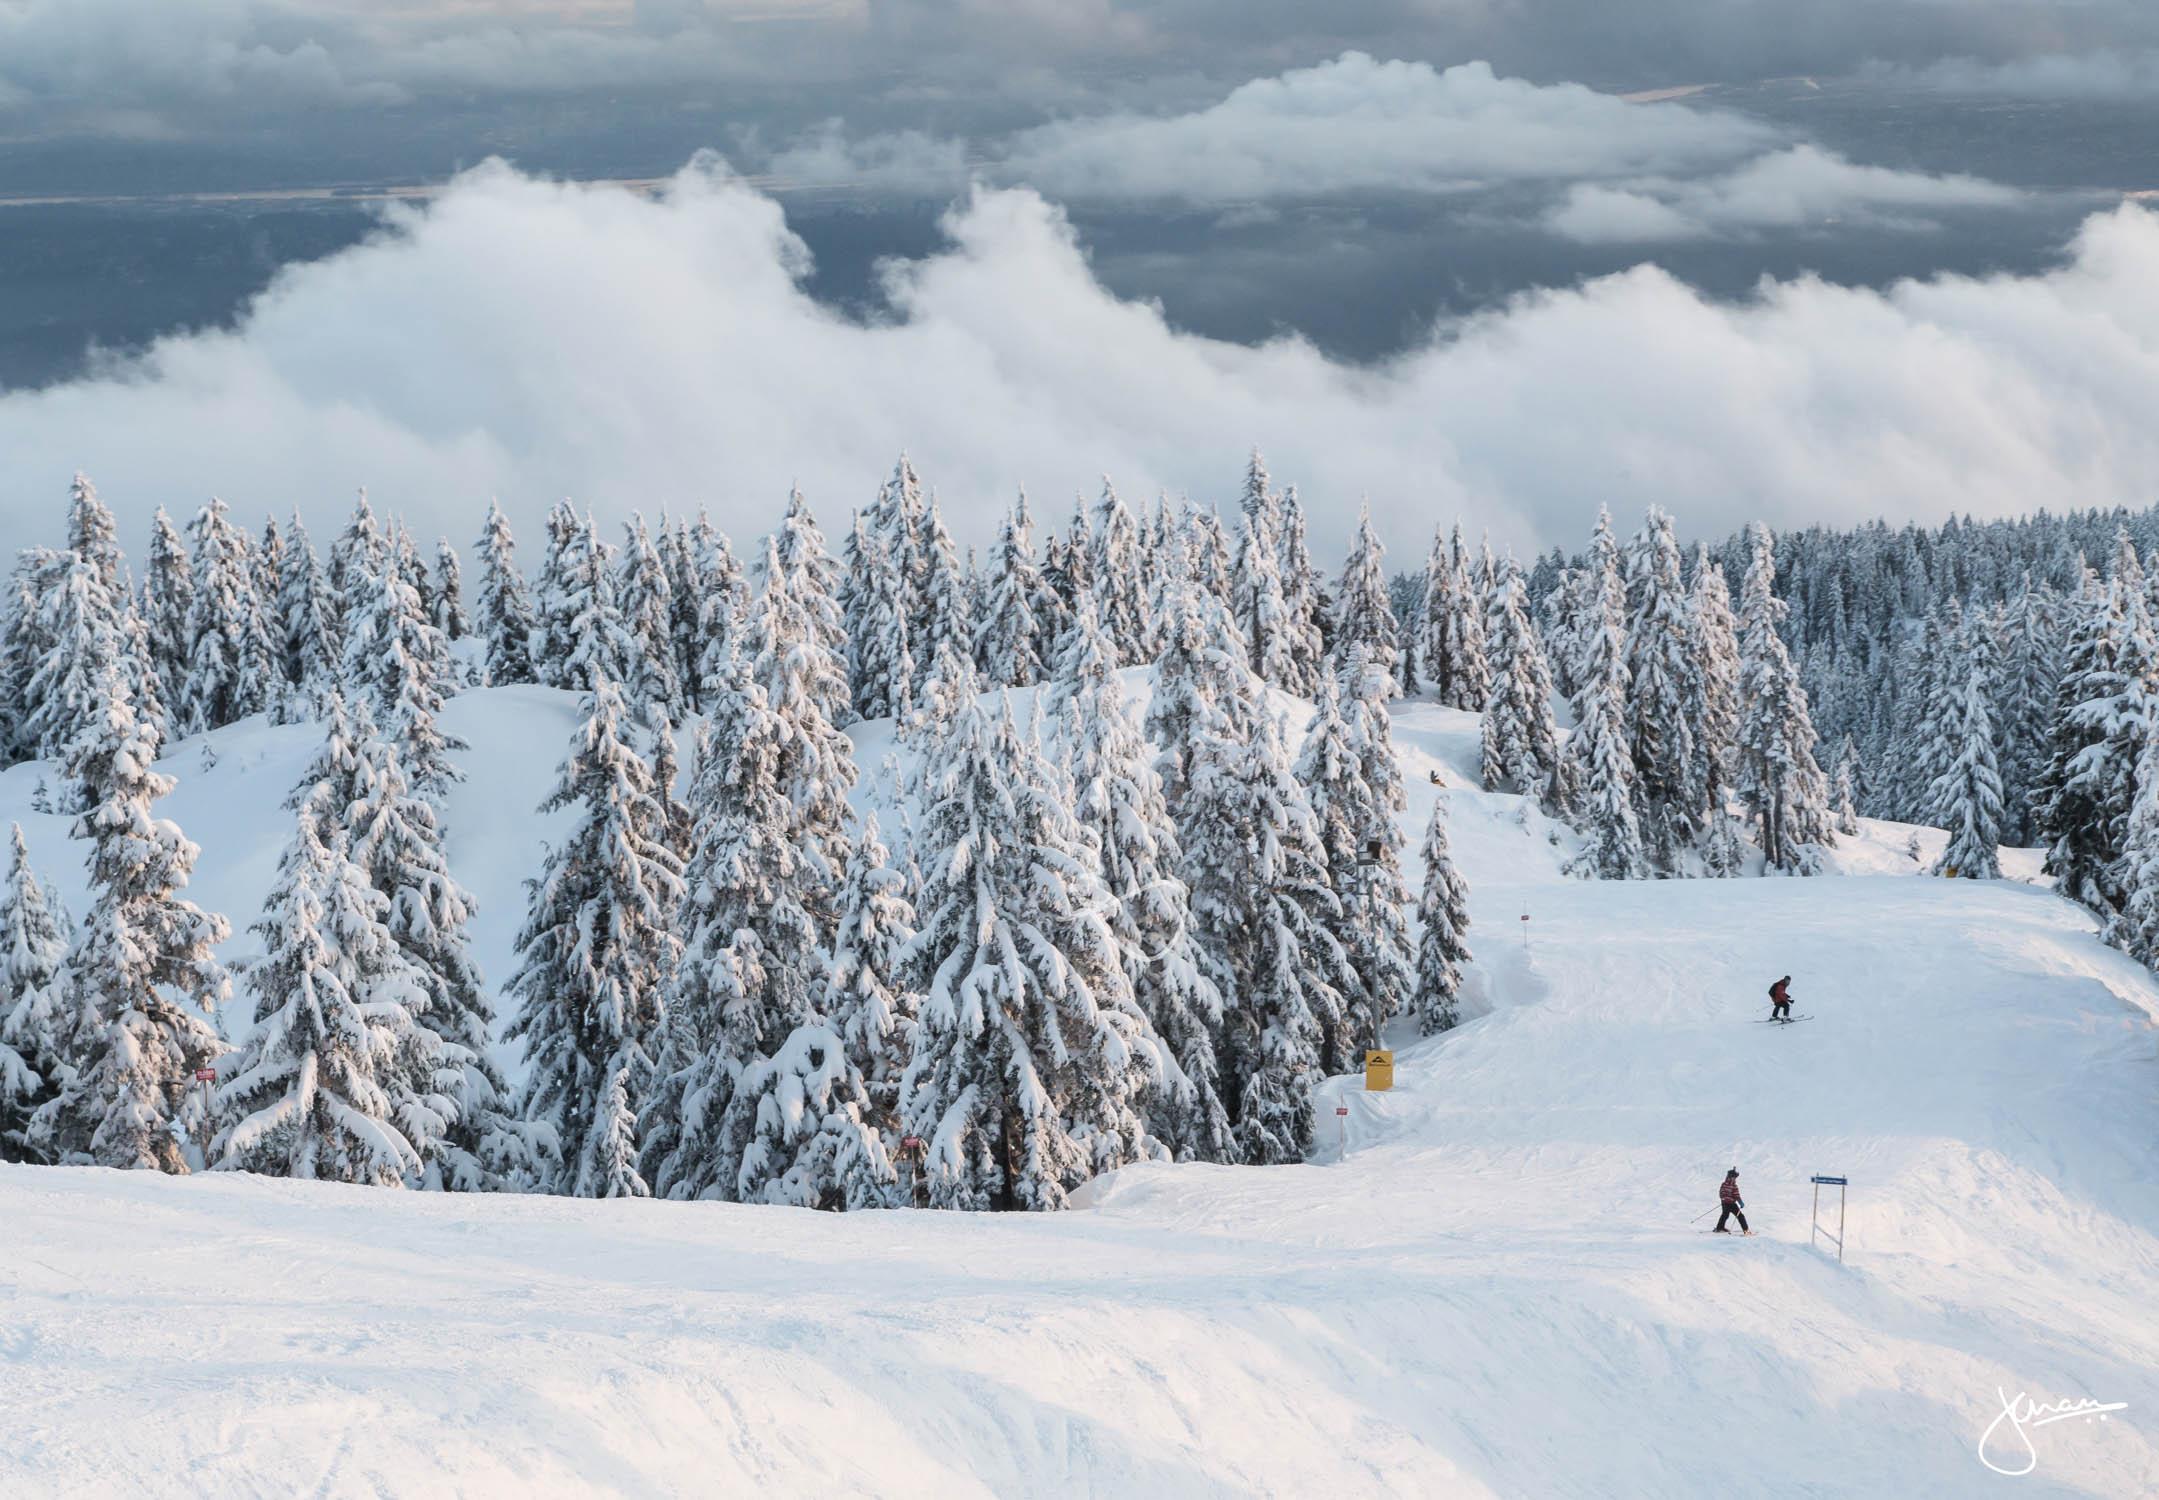 Skiers heading down a run